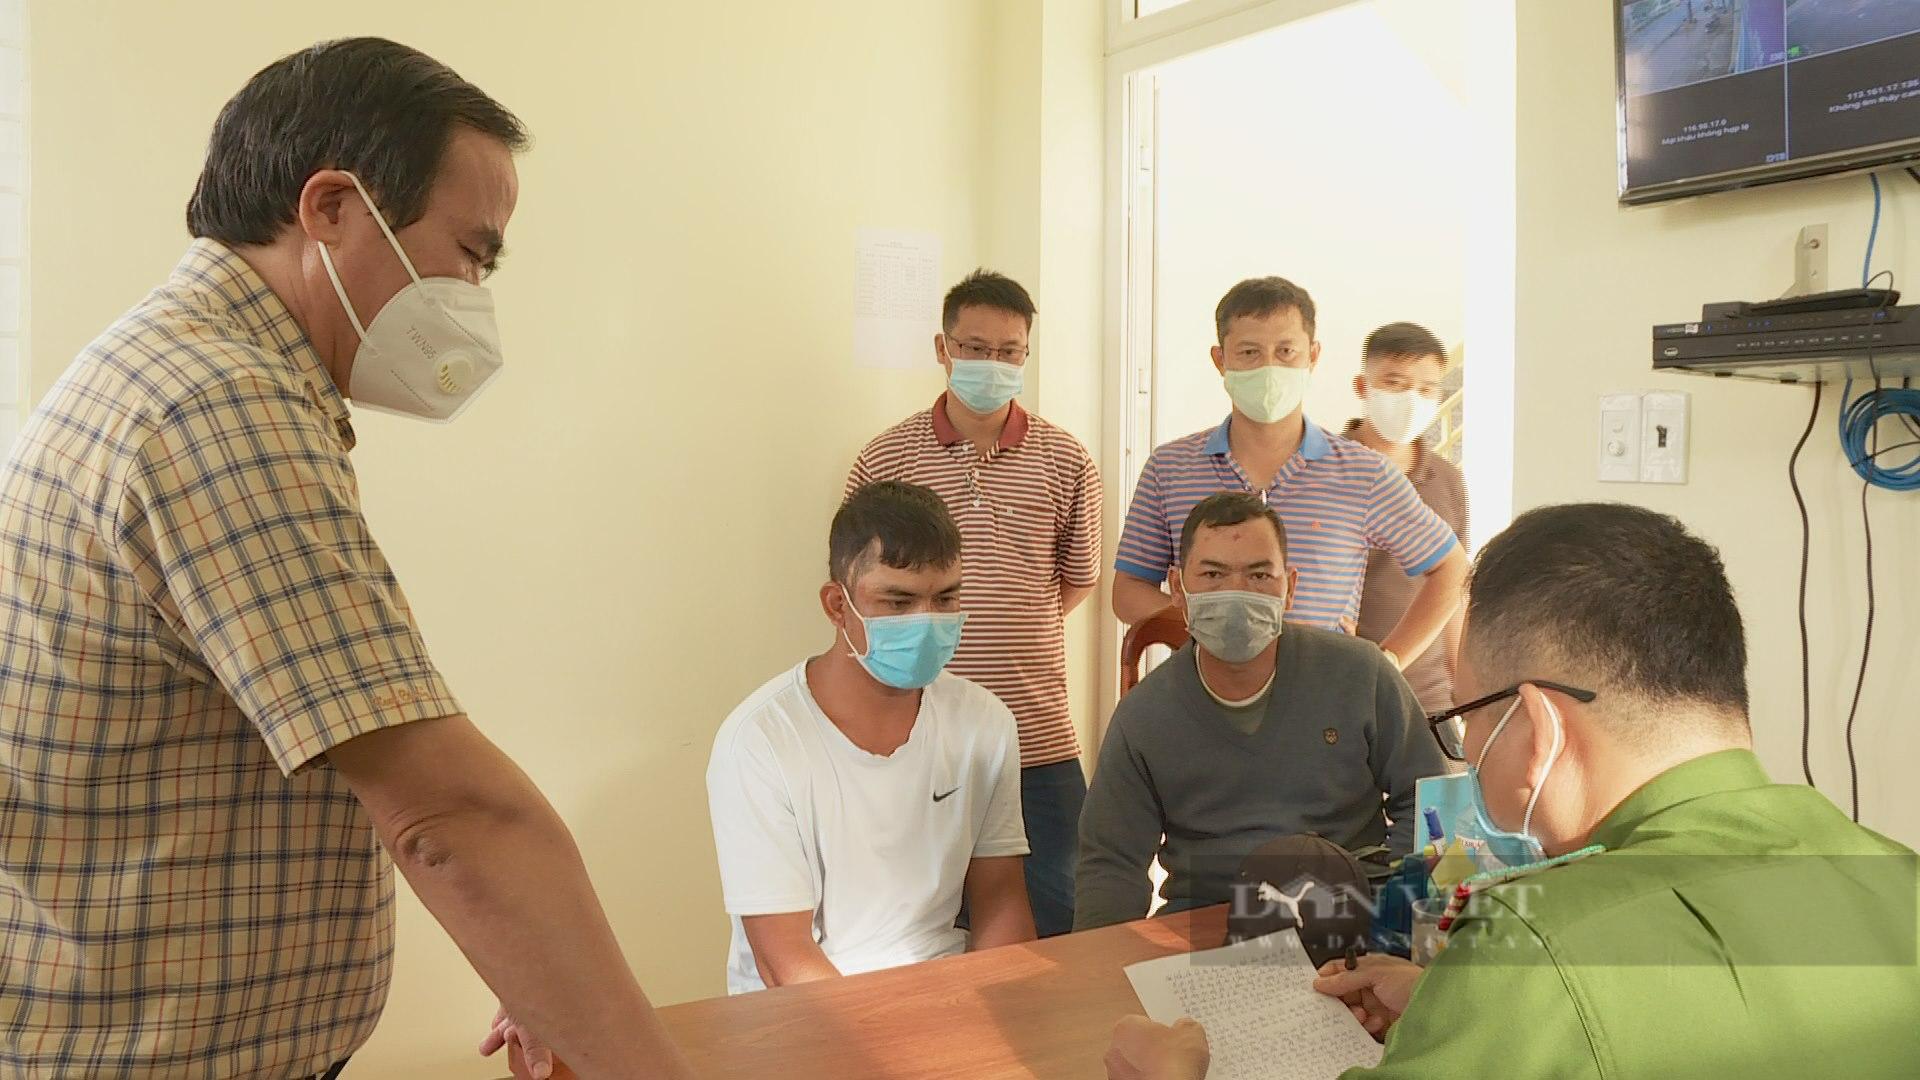 Đắk Lắk: Điều tra nhóm đối tượng đánh người dẫn đến tử vong - Ảnh 2.